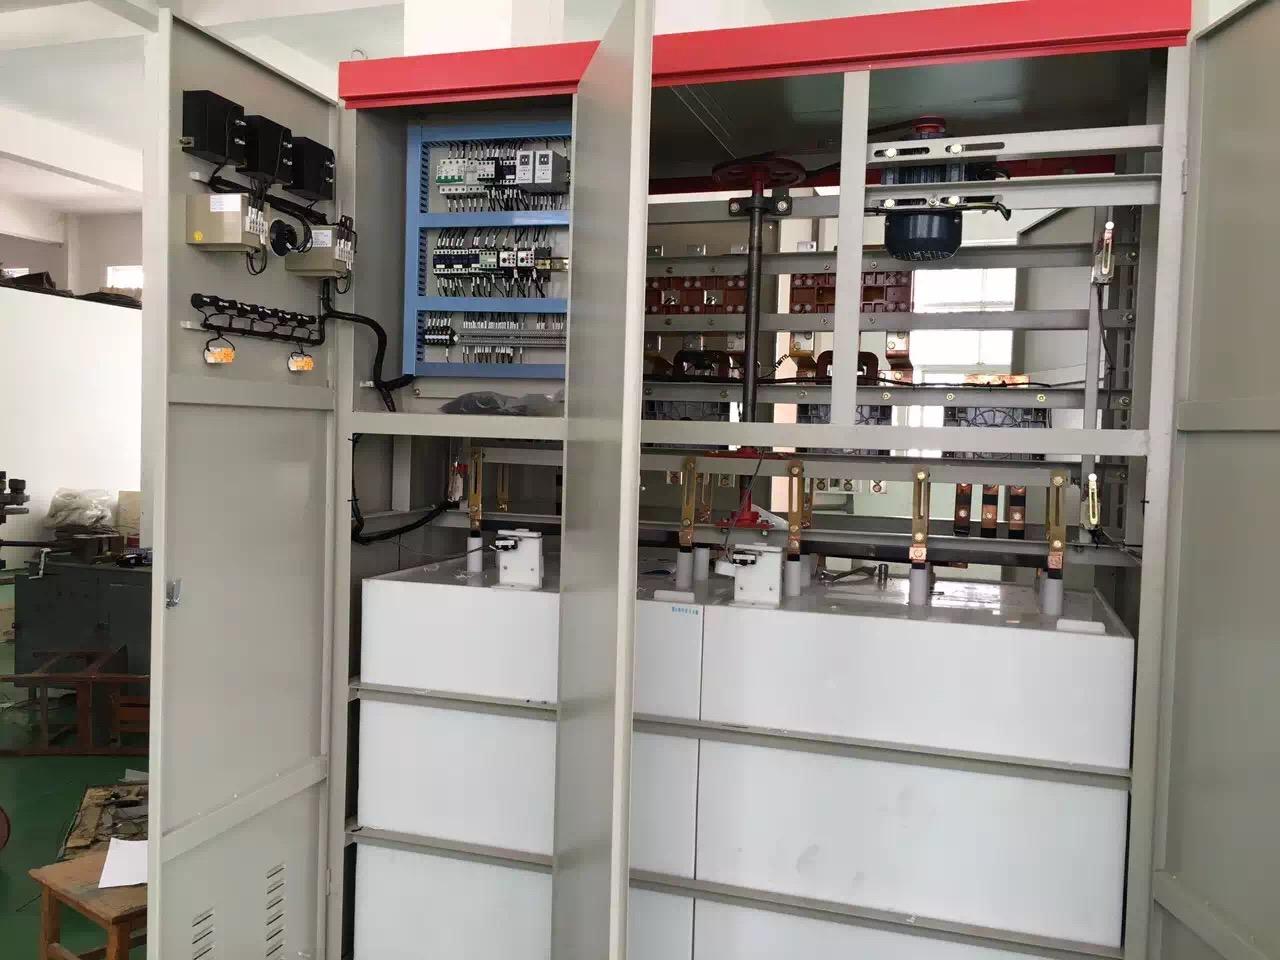 高壓固態軟啟動柜比傳統啟動柜的應用更廣泛